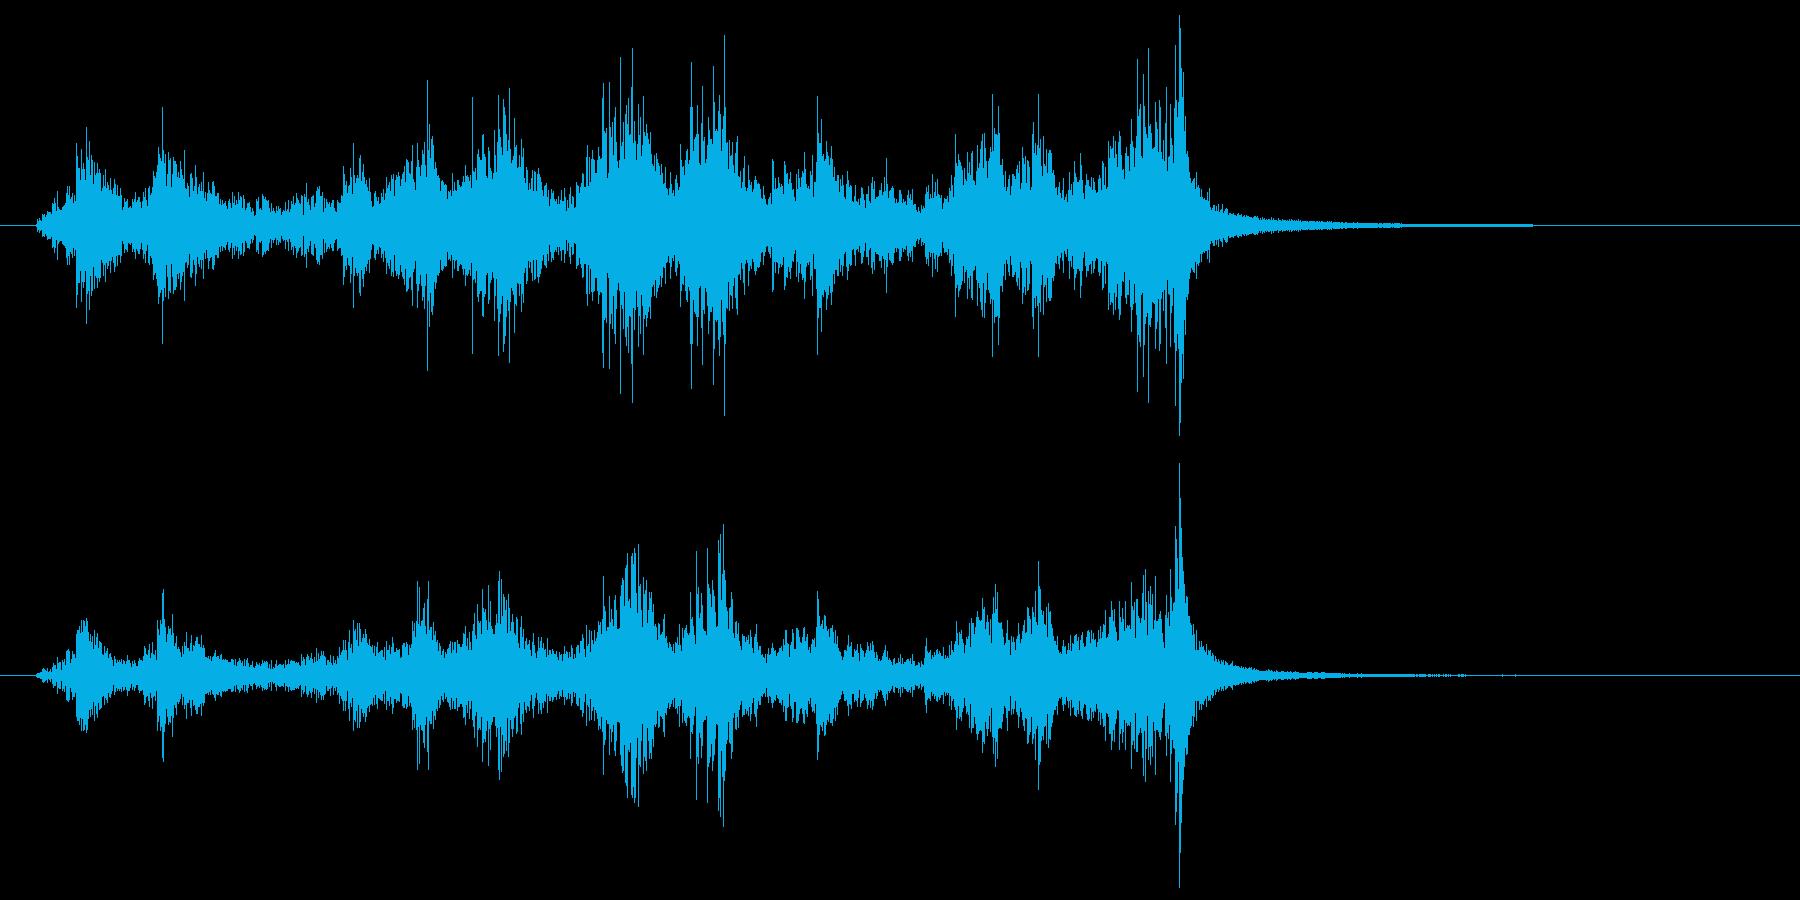 パーカッションティンパニサンダーロ...の再生済みの波形